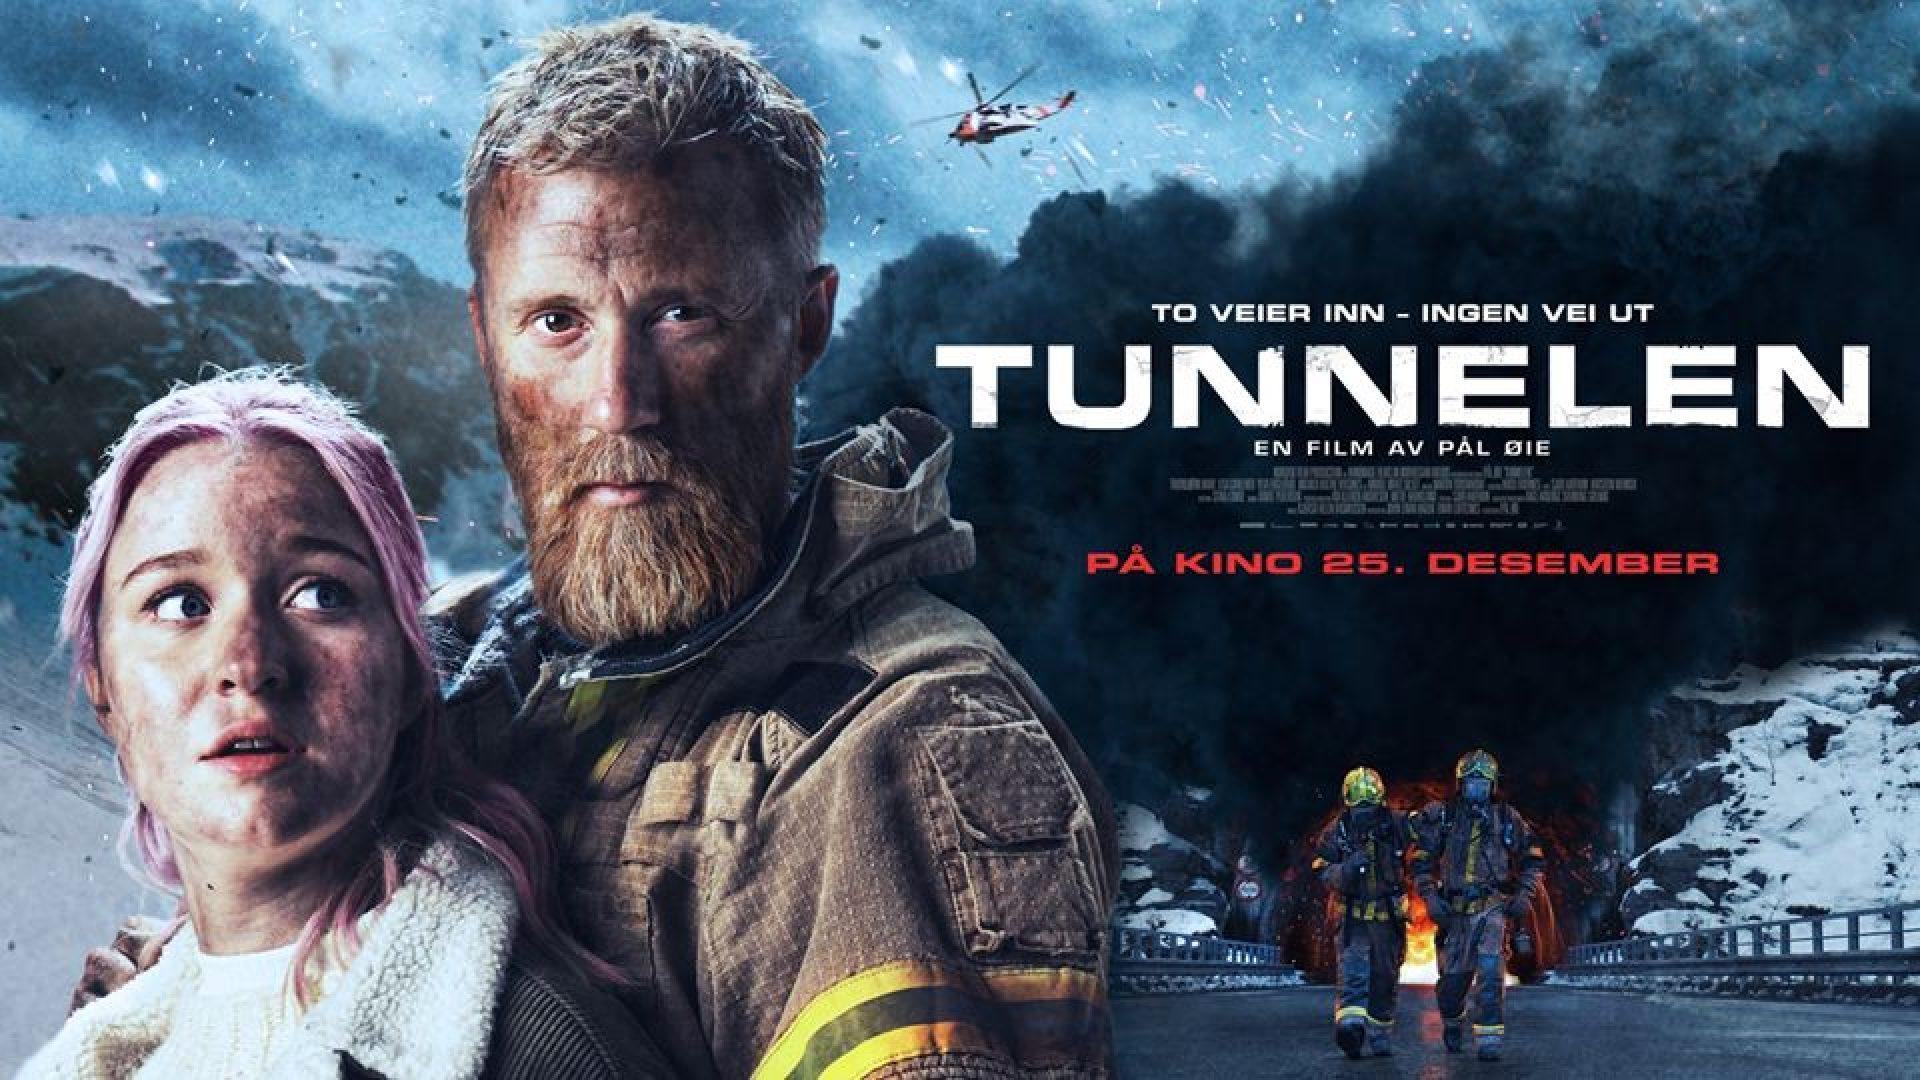 Bilde fra filmen tunnelen